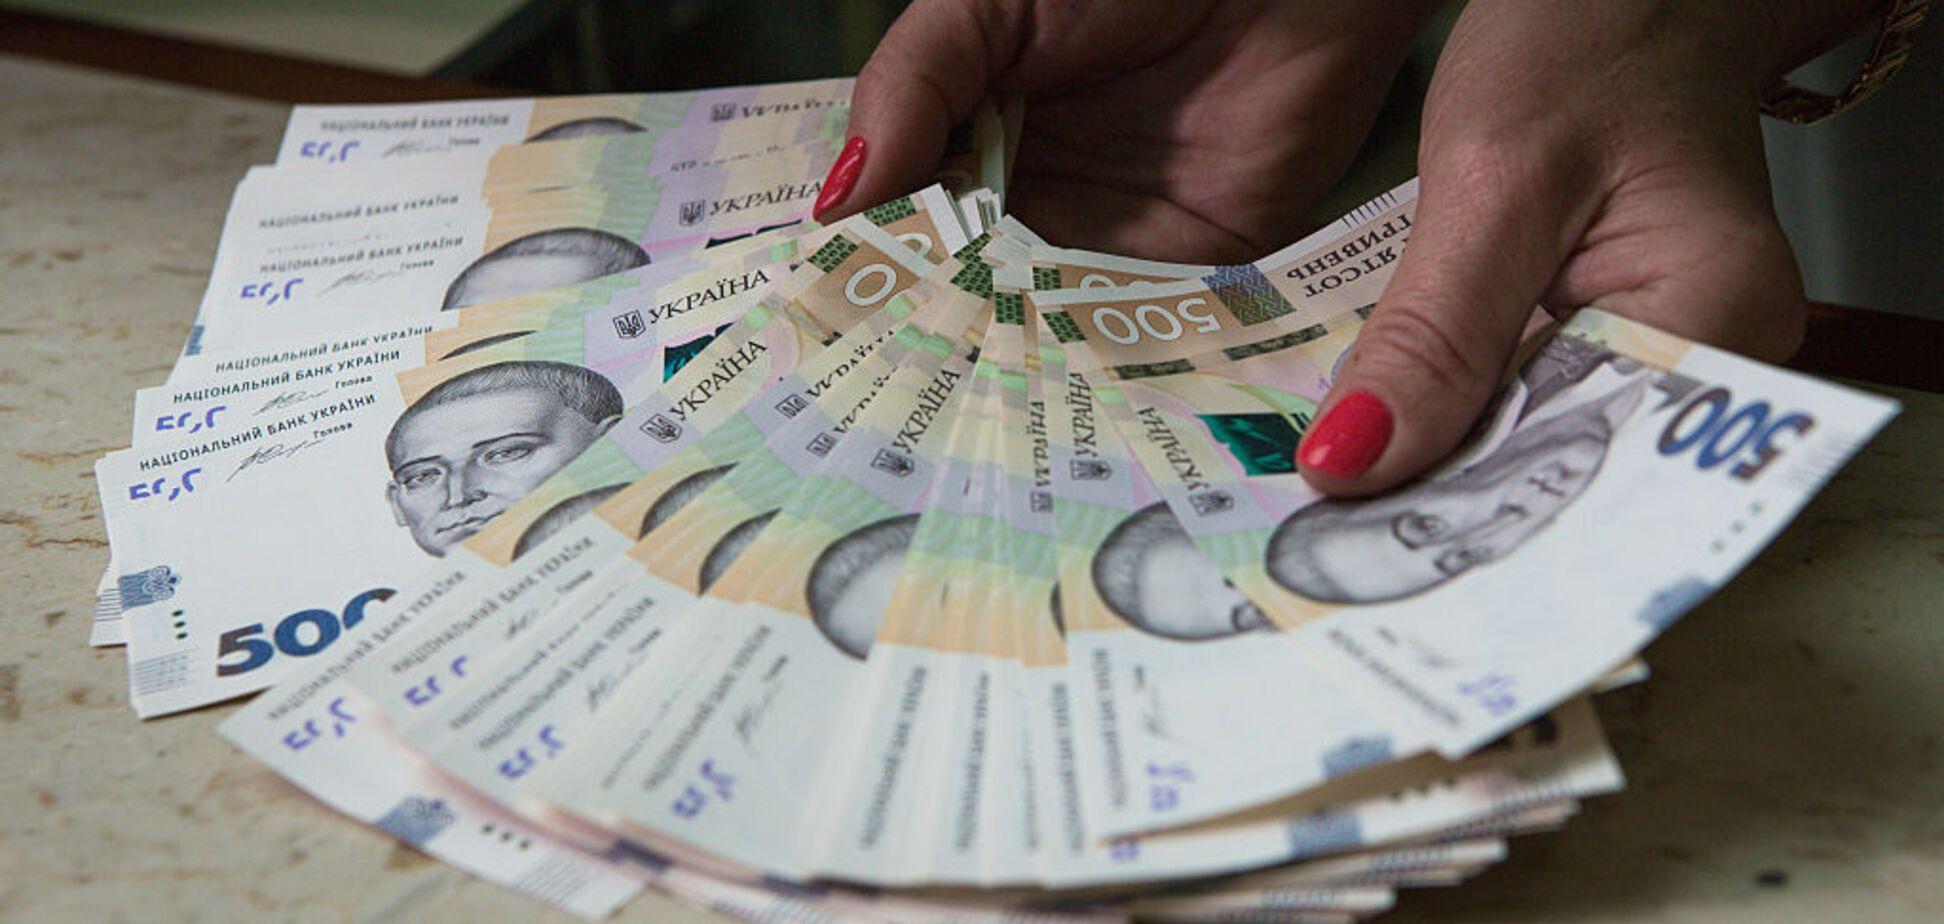 В Україні запустили новий план монетизації субсидій: Мінфін розкрив подробиці